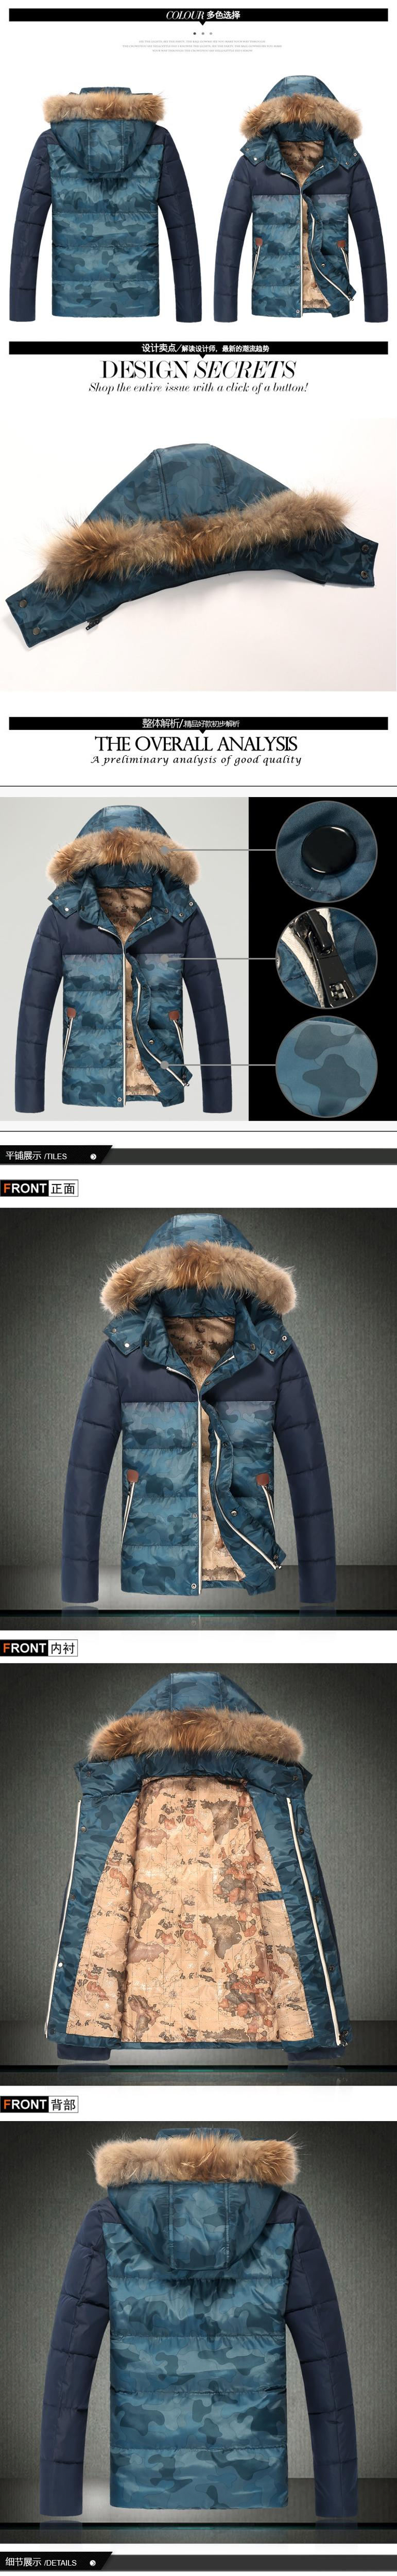 GustOmerD 2016 Yeni Kış Ördek Aşağı Ayrılabilir Hoodied Kamuflaj Ceket Erkekler Patchwork Sıcak Kürk Yaka Moda Kış Coat